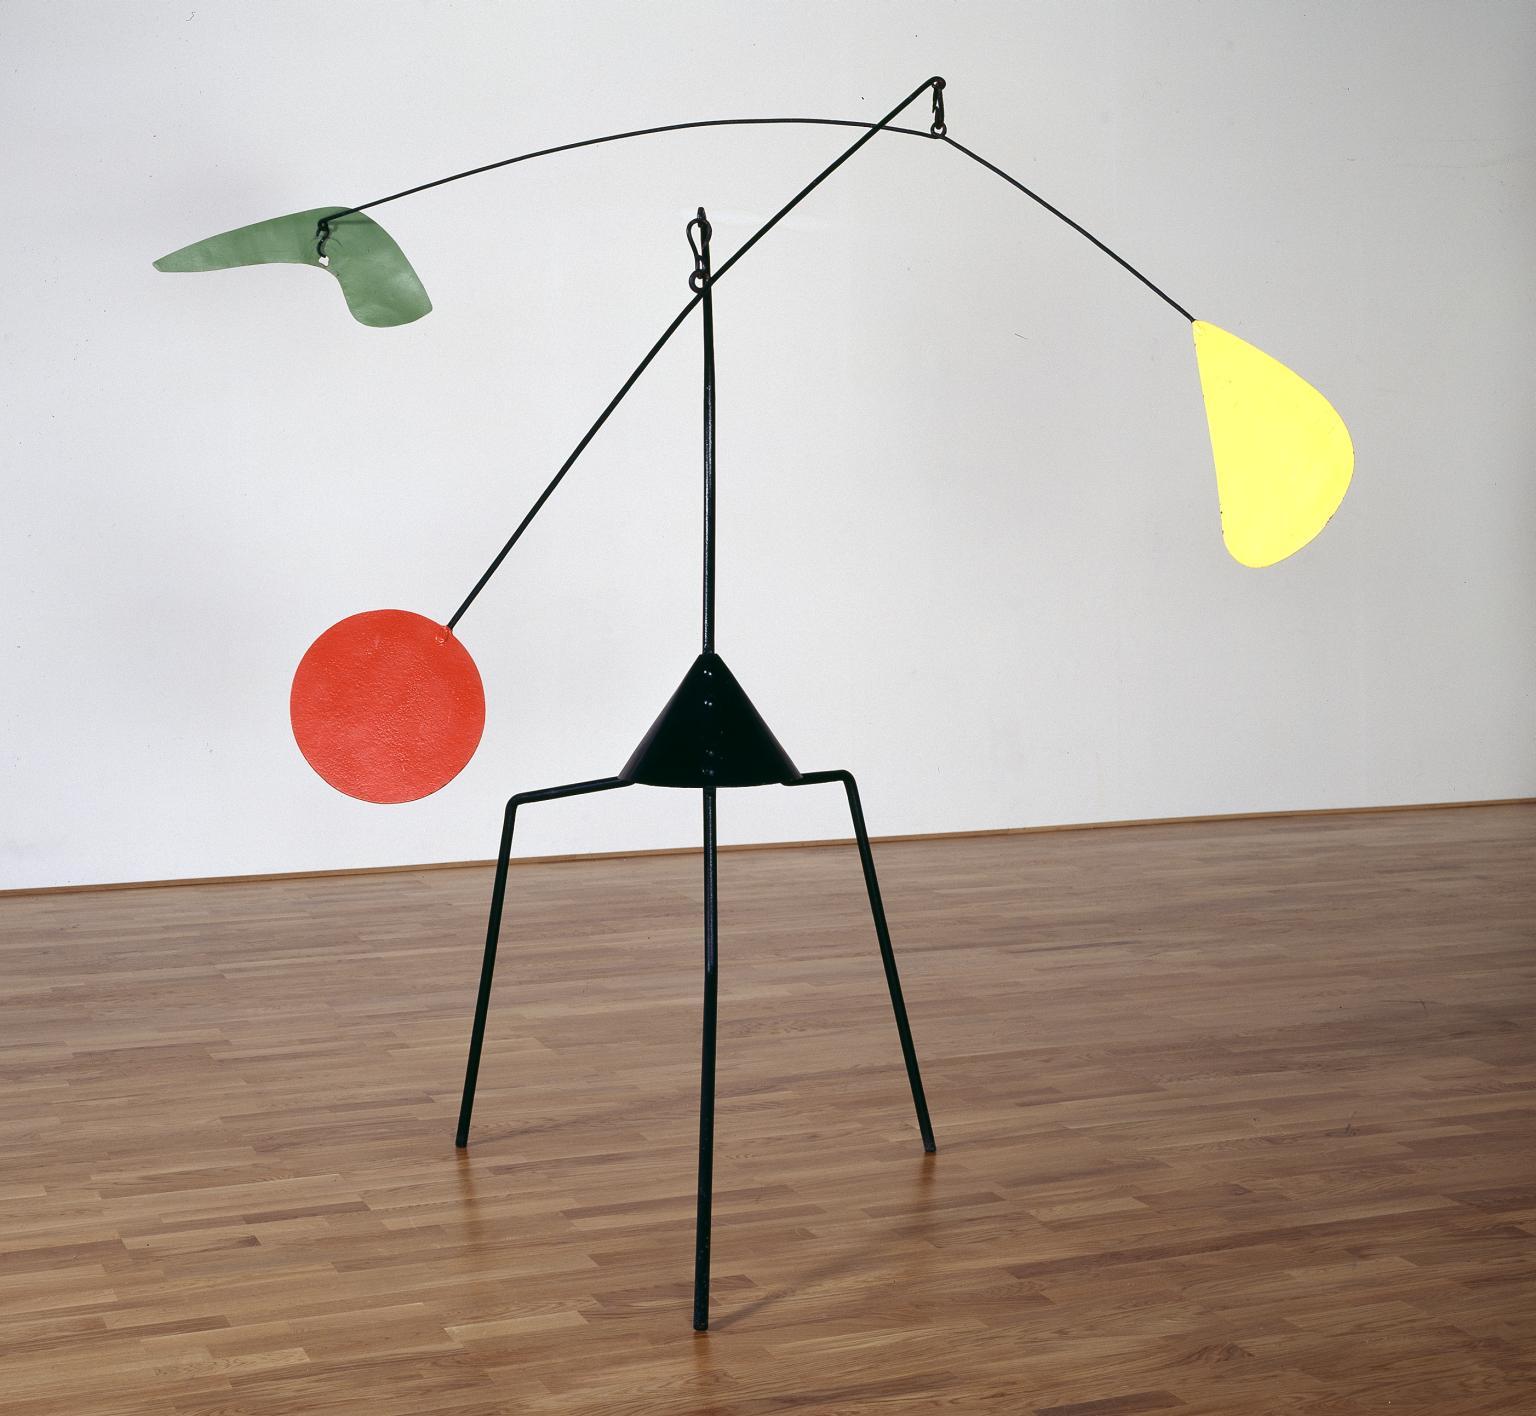 Geräumig Kinetische Kunst Galerie Von Untitled 1937 By Alexander Calder 1898-1976